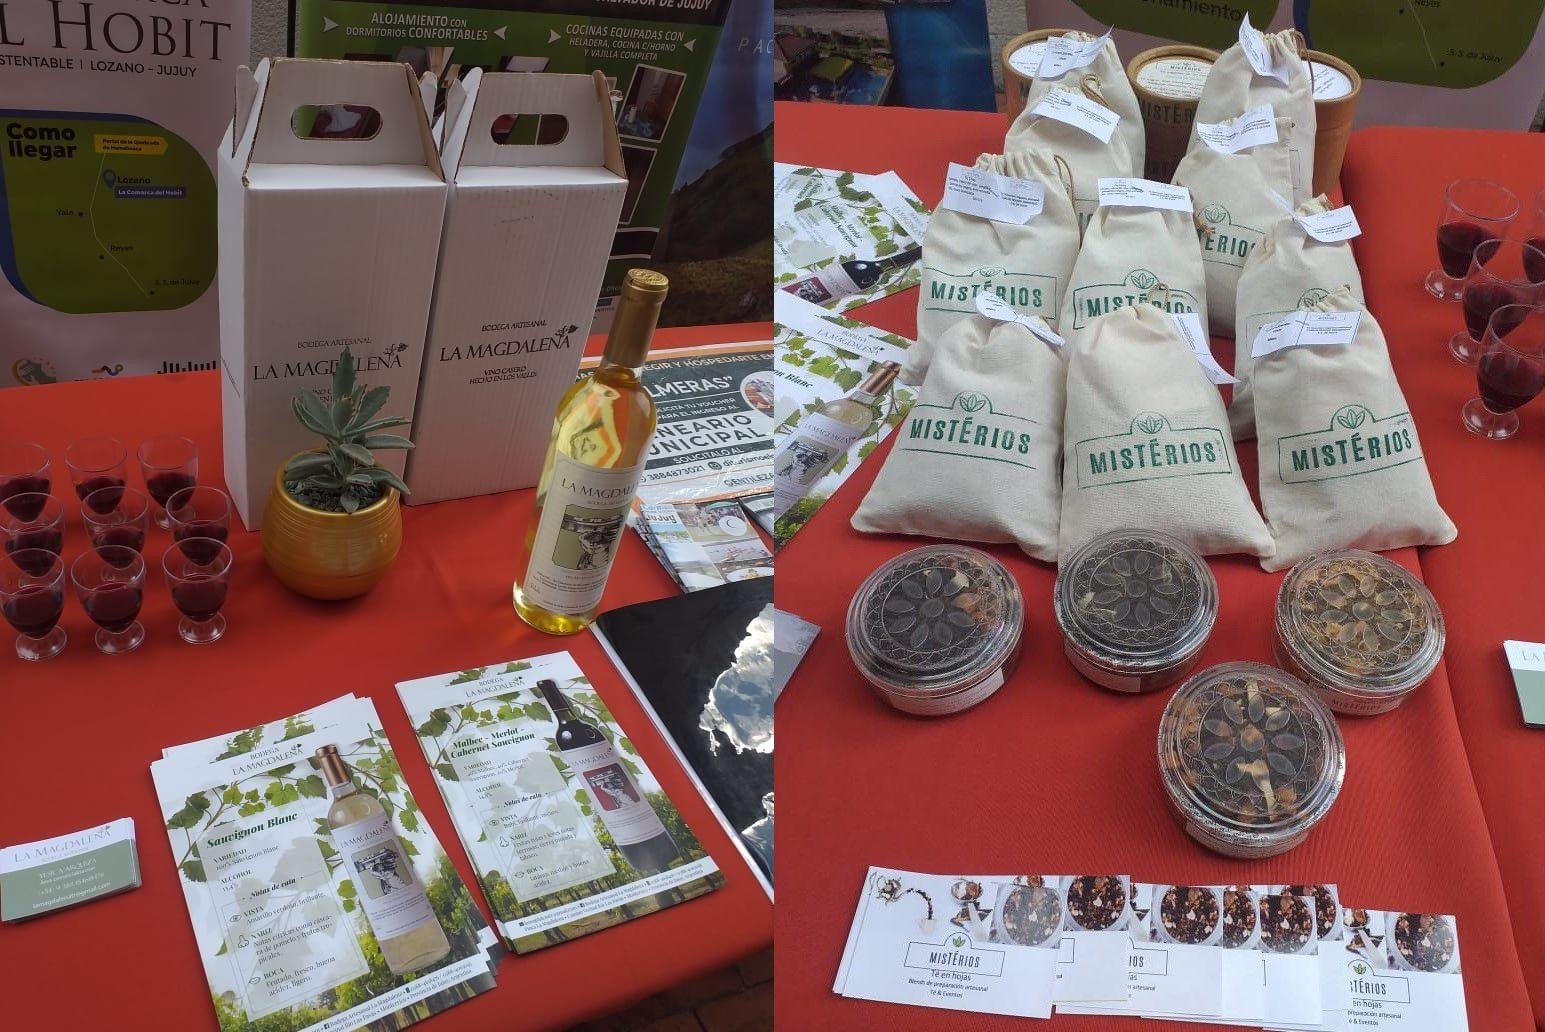 Miembros de la Red de Turismo Sostenible de Jujuy presentaron sus productos en la sede de la UEJ, en la capital provincial.